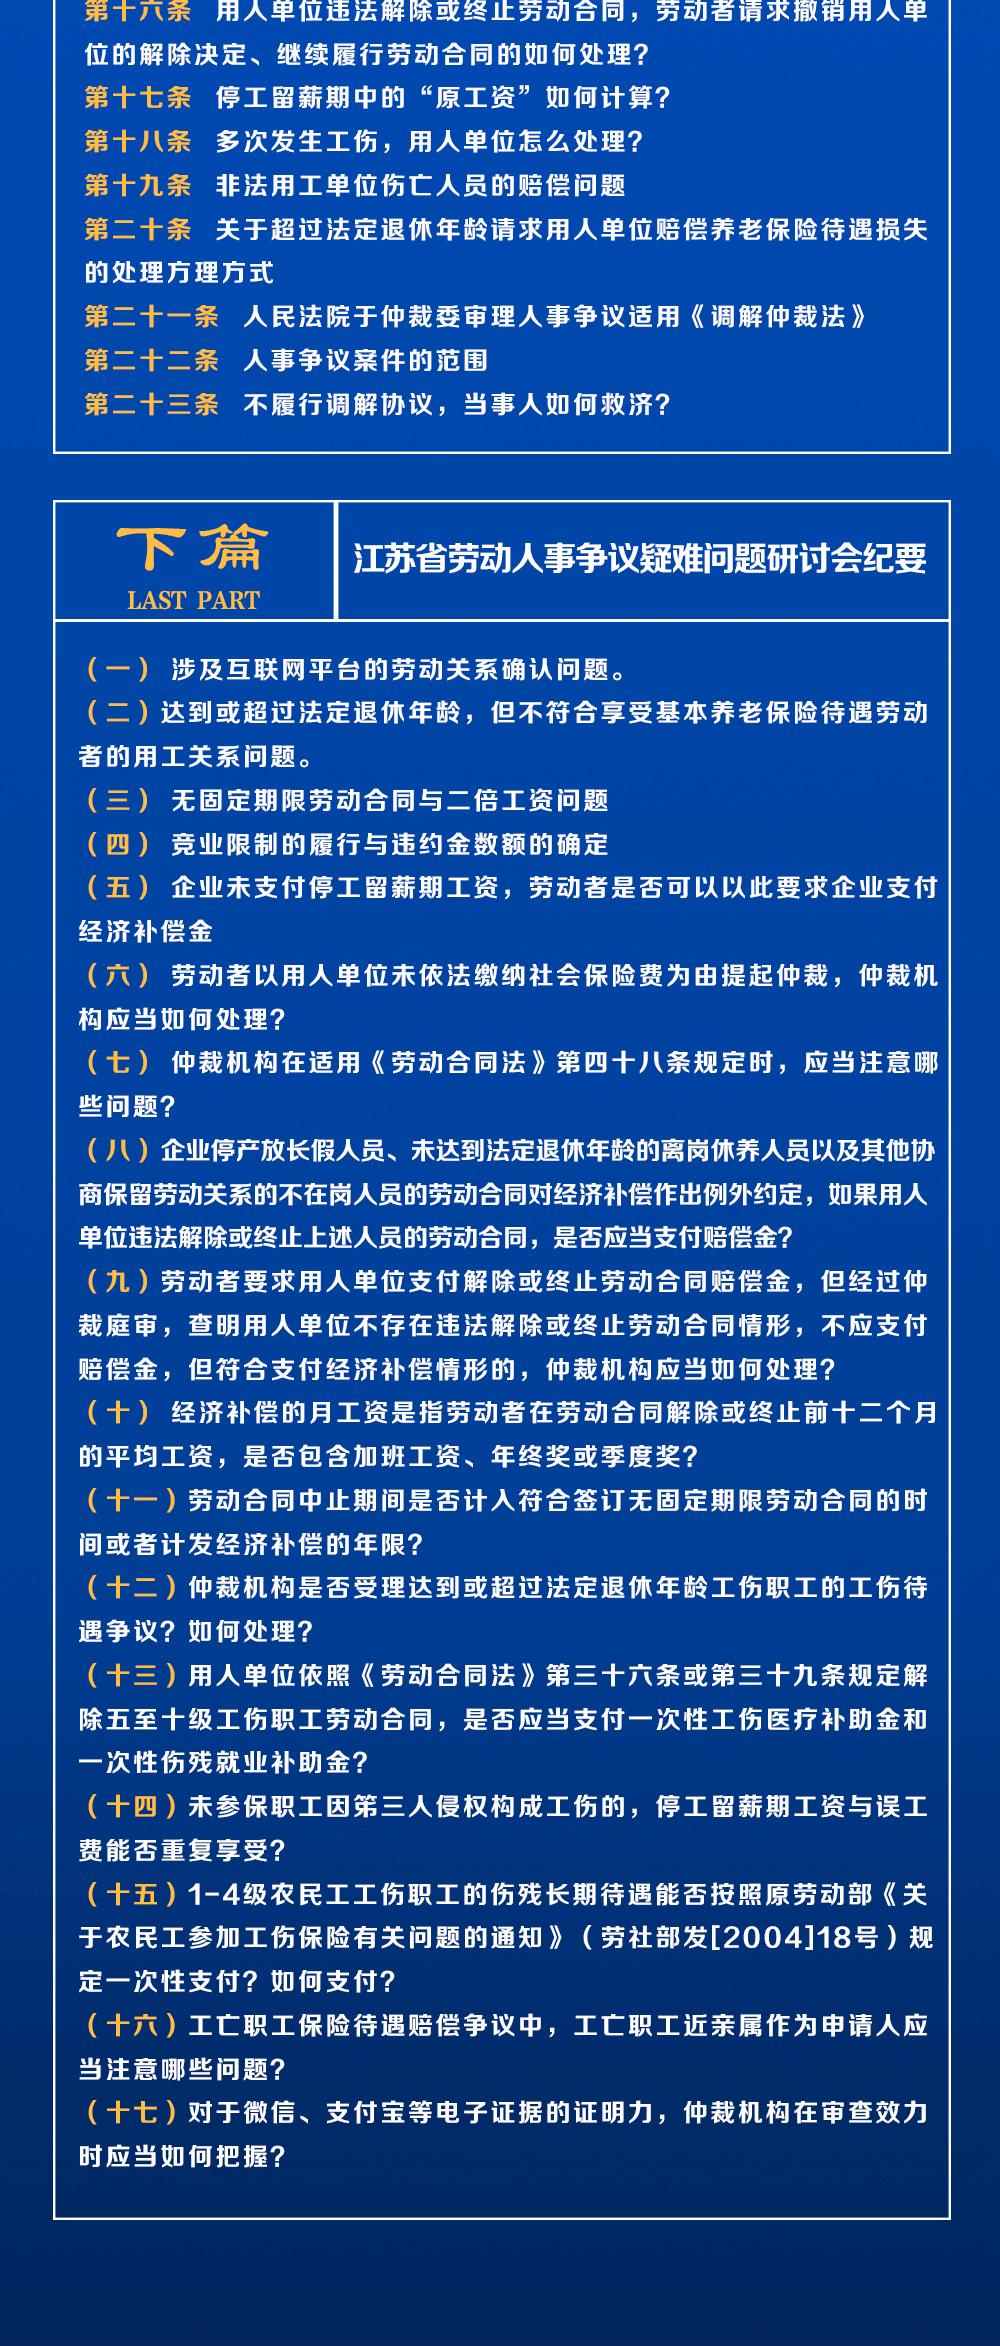 長圖01_0000_圖層-2.png